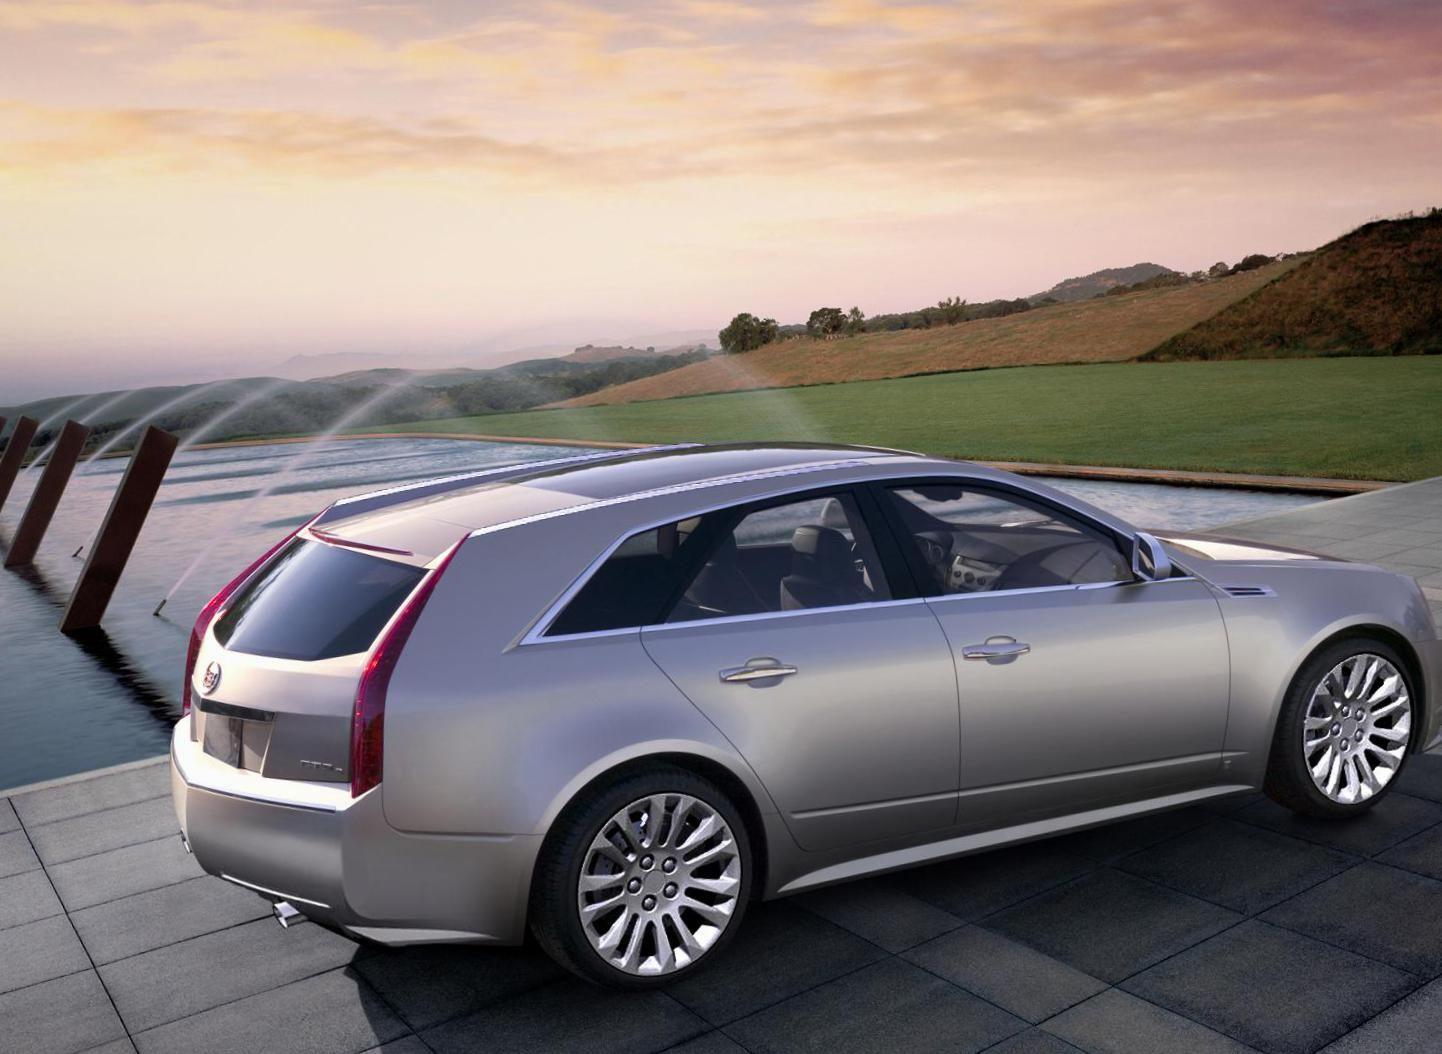 Pin on Cadillac CTSV WAGON Dreams!